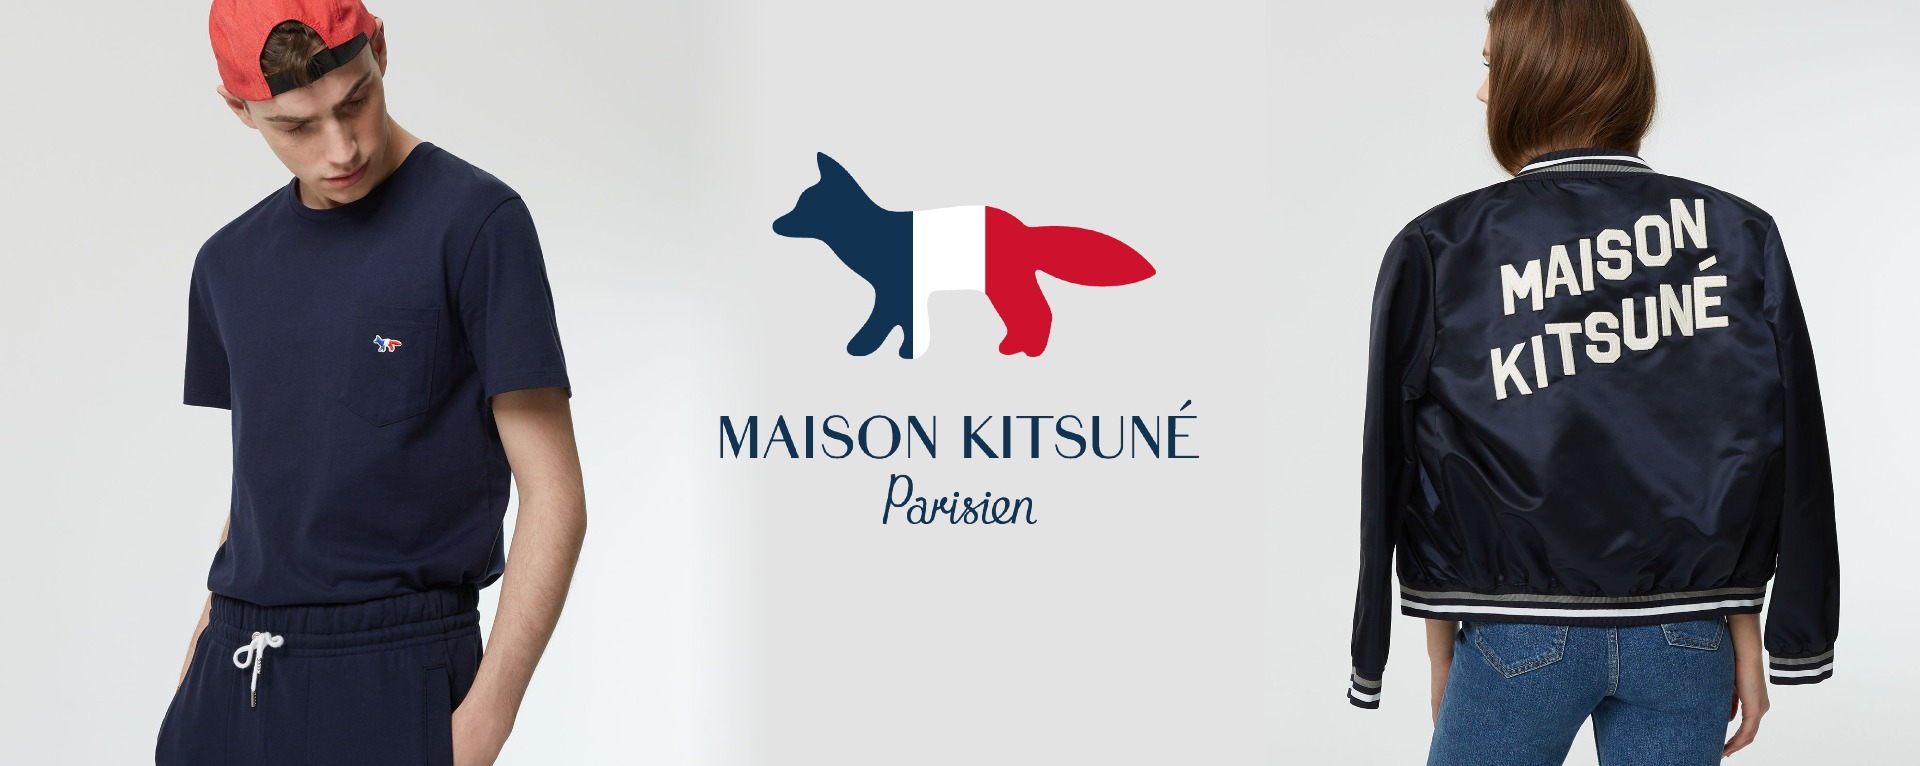 https://media.maisonkitsune.com/media/wysiwyg/021118_brandblack-parisien.jpg